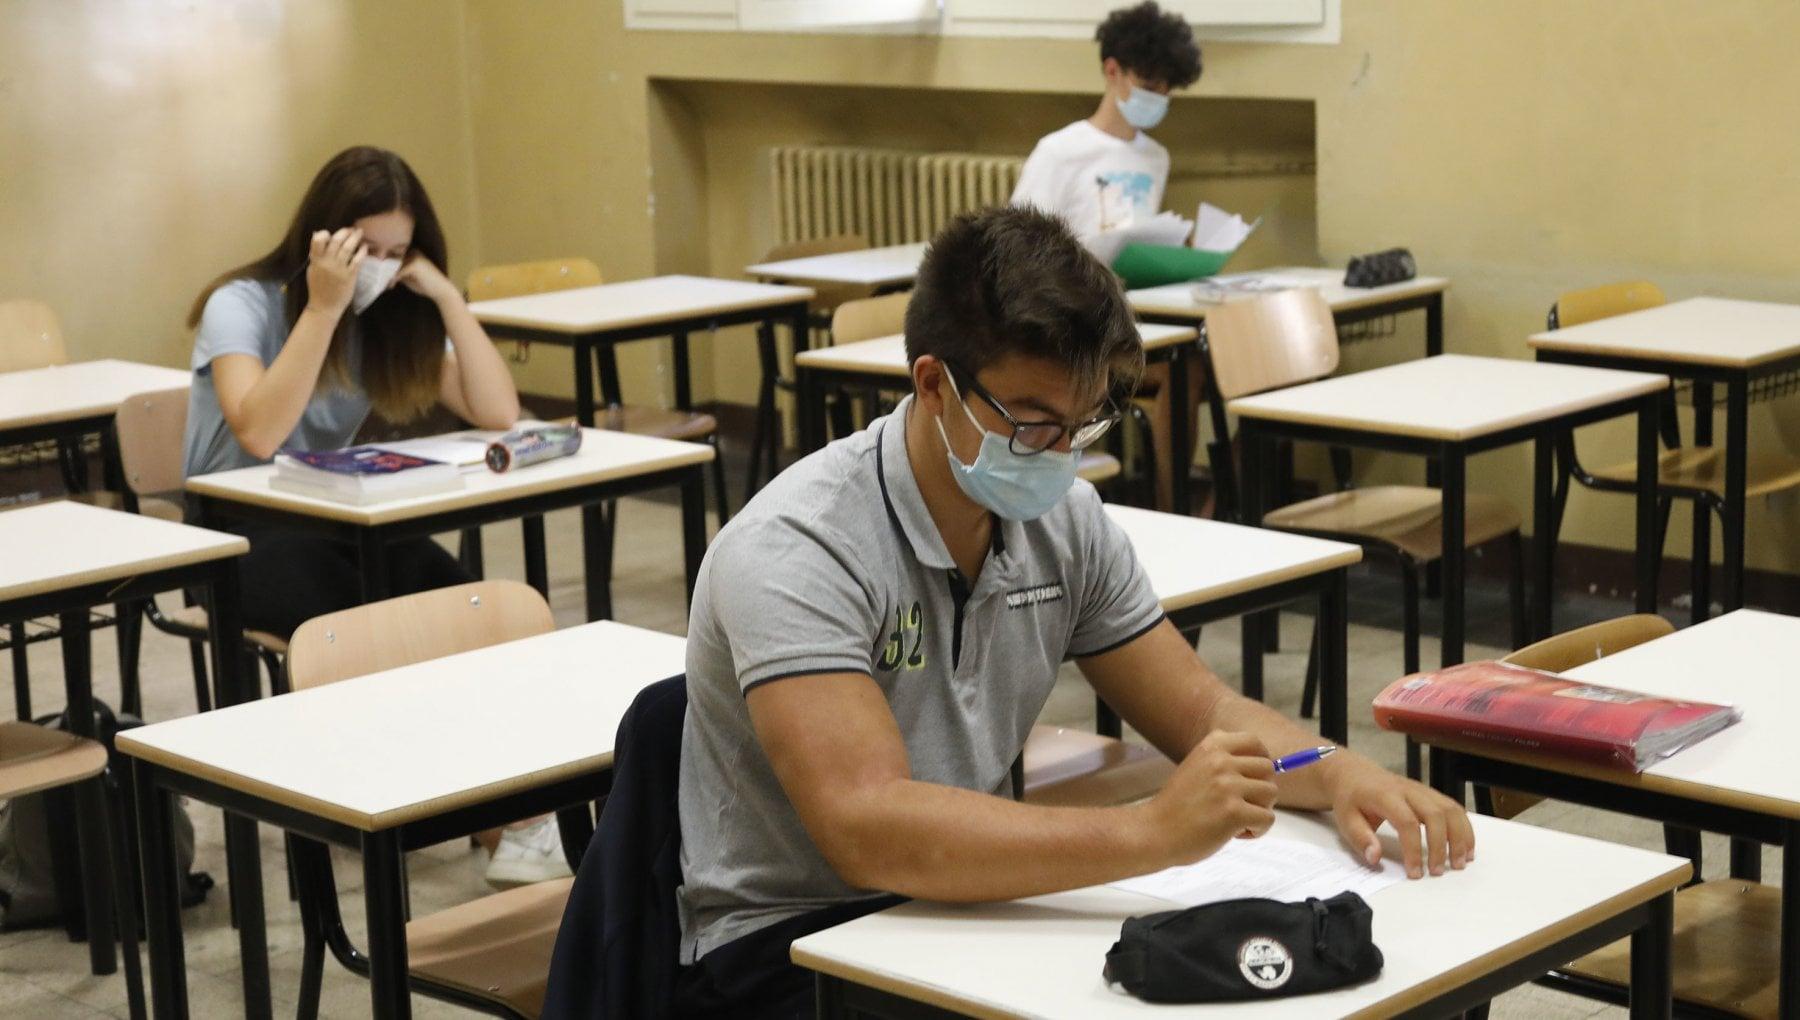 Scuola in Puglia didattica a distanza su richiesta per tutti dal 7 gennaio verso ordinanza anche per le superiori